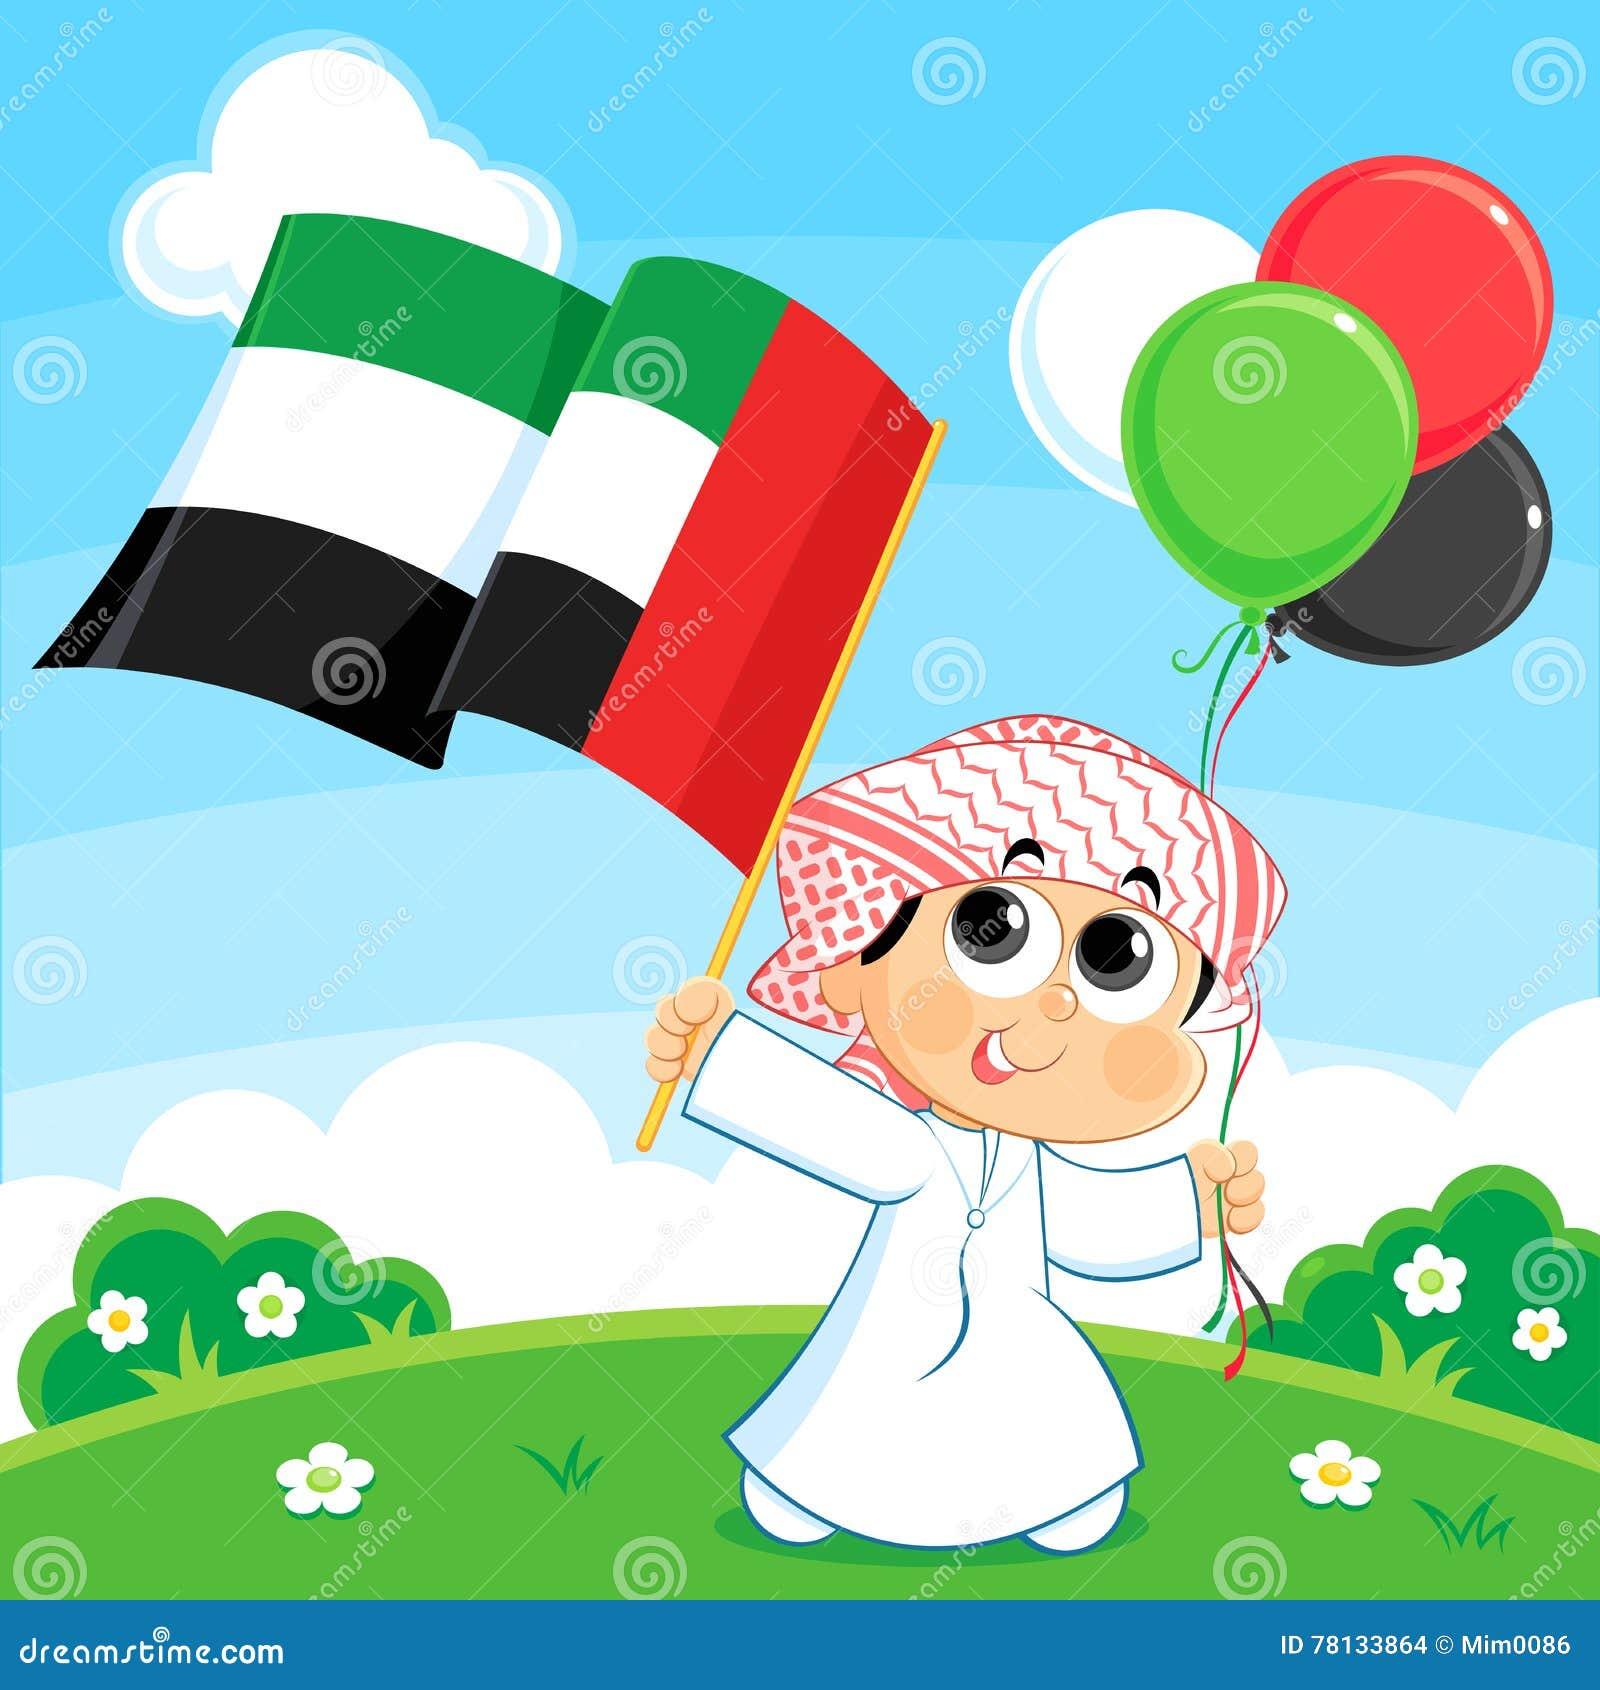 Child Carrying United Arab Emirates Flag National Day Celebration